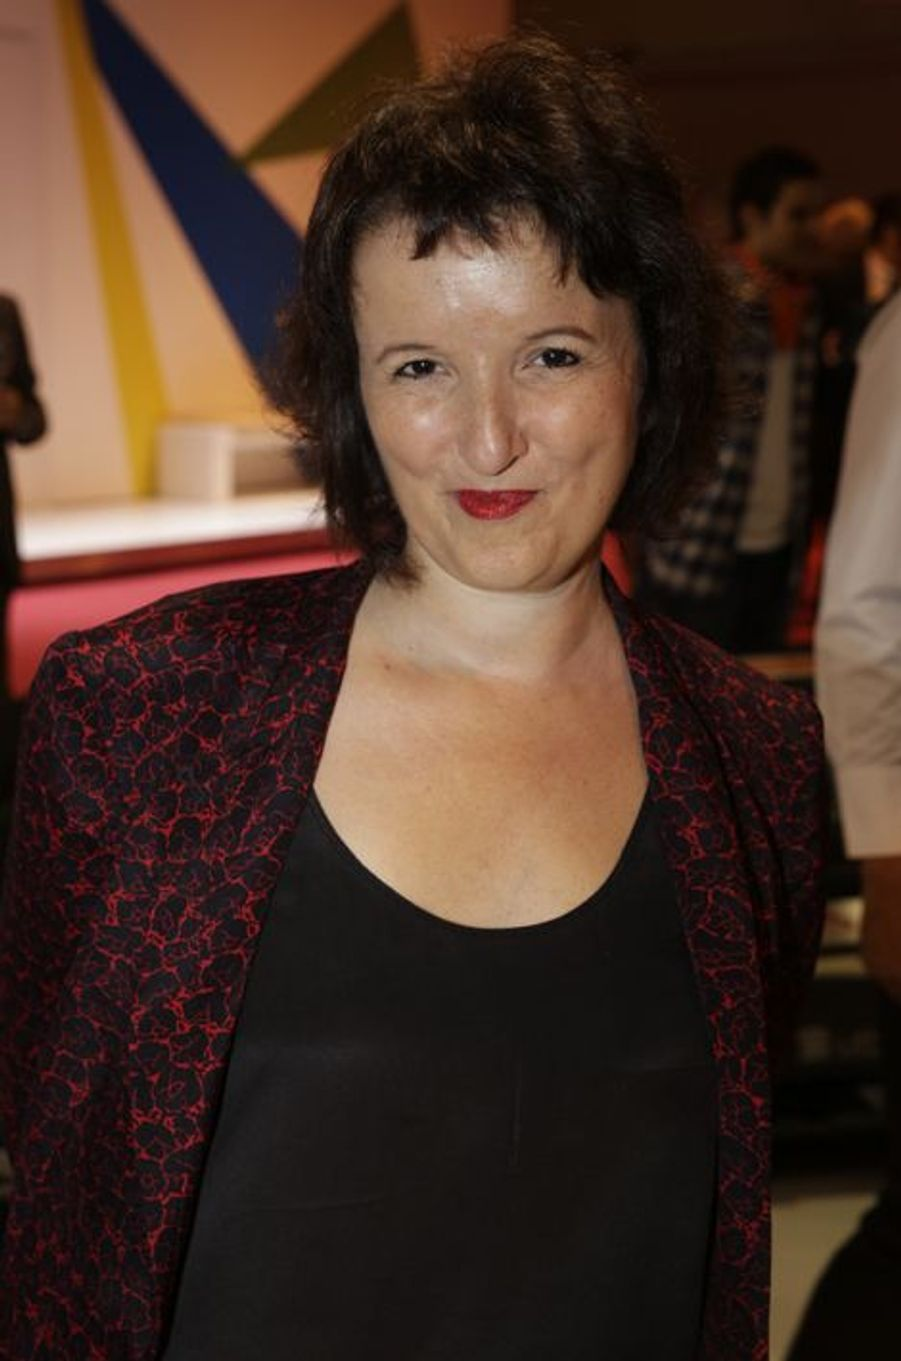 Anne Roumanoff au Salon de l'Automobile 2014 à Paris le 2 octobre 2014